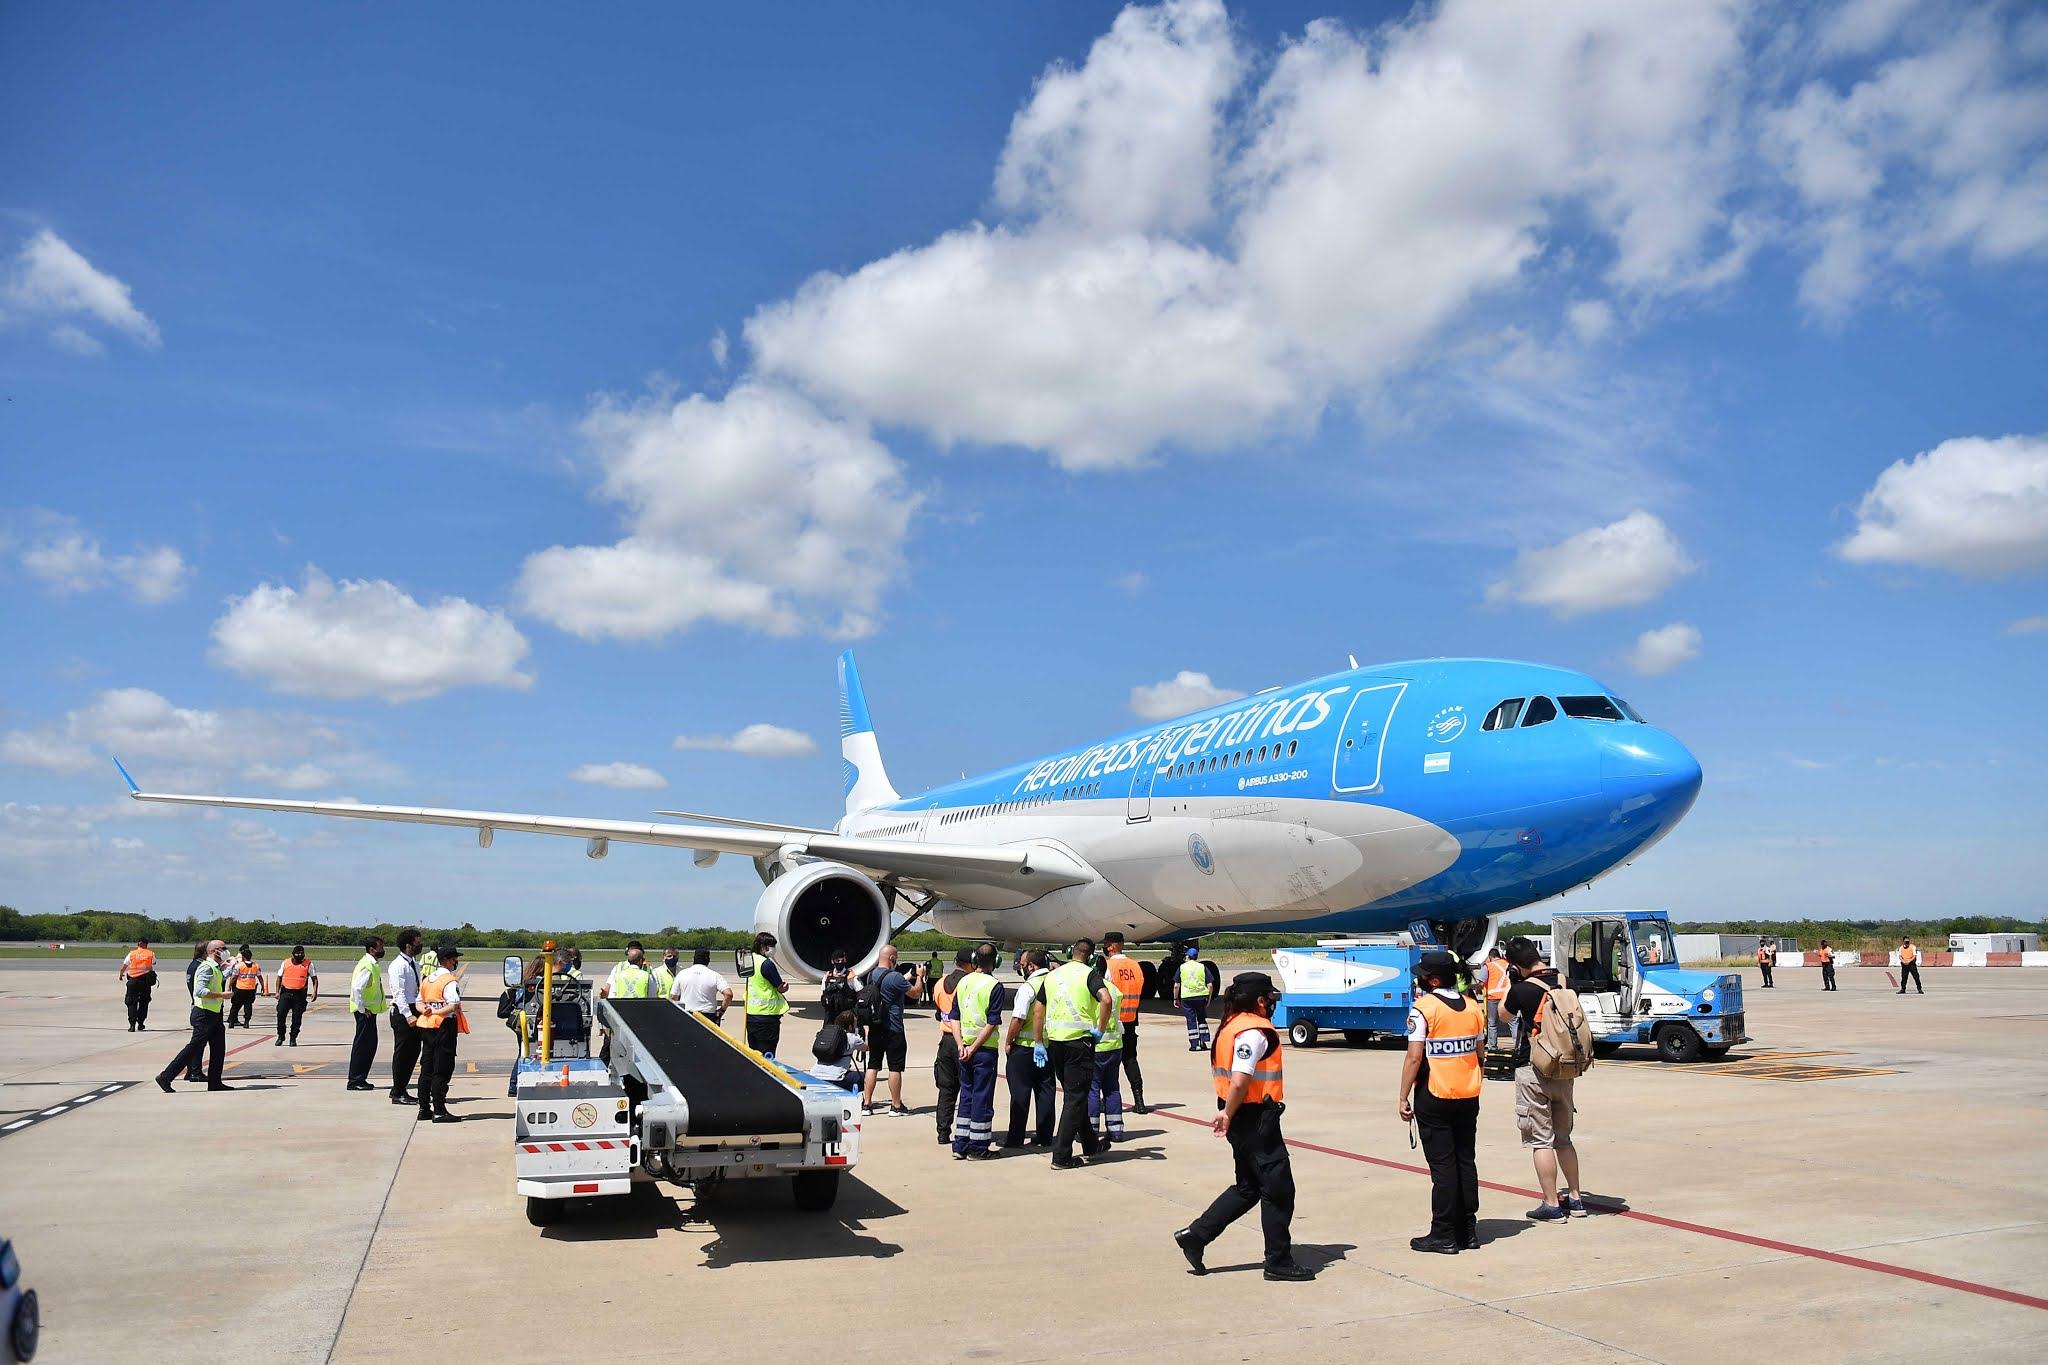 Llegó el avión de Aerolíneas Argentinas con la segunda tanda de 300.000 dosis de la vacuna Sputnik V